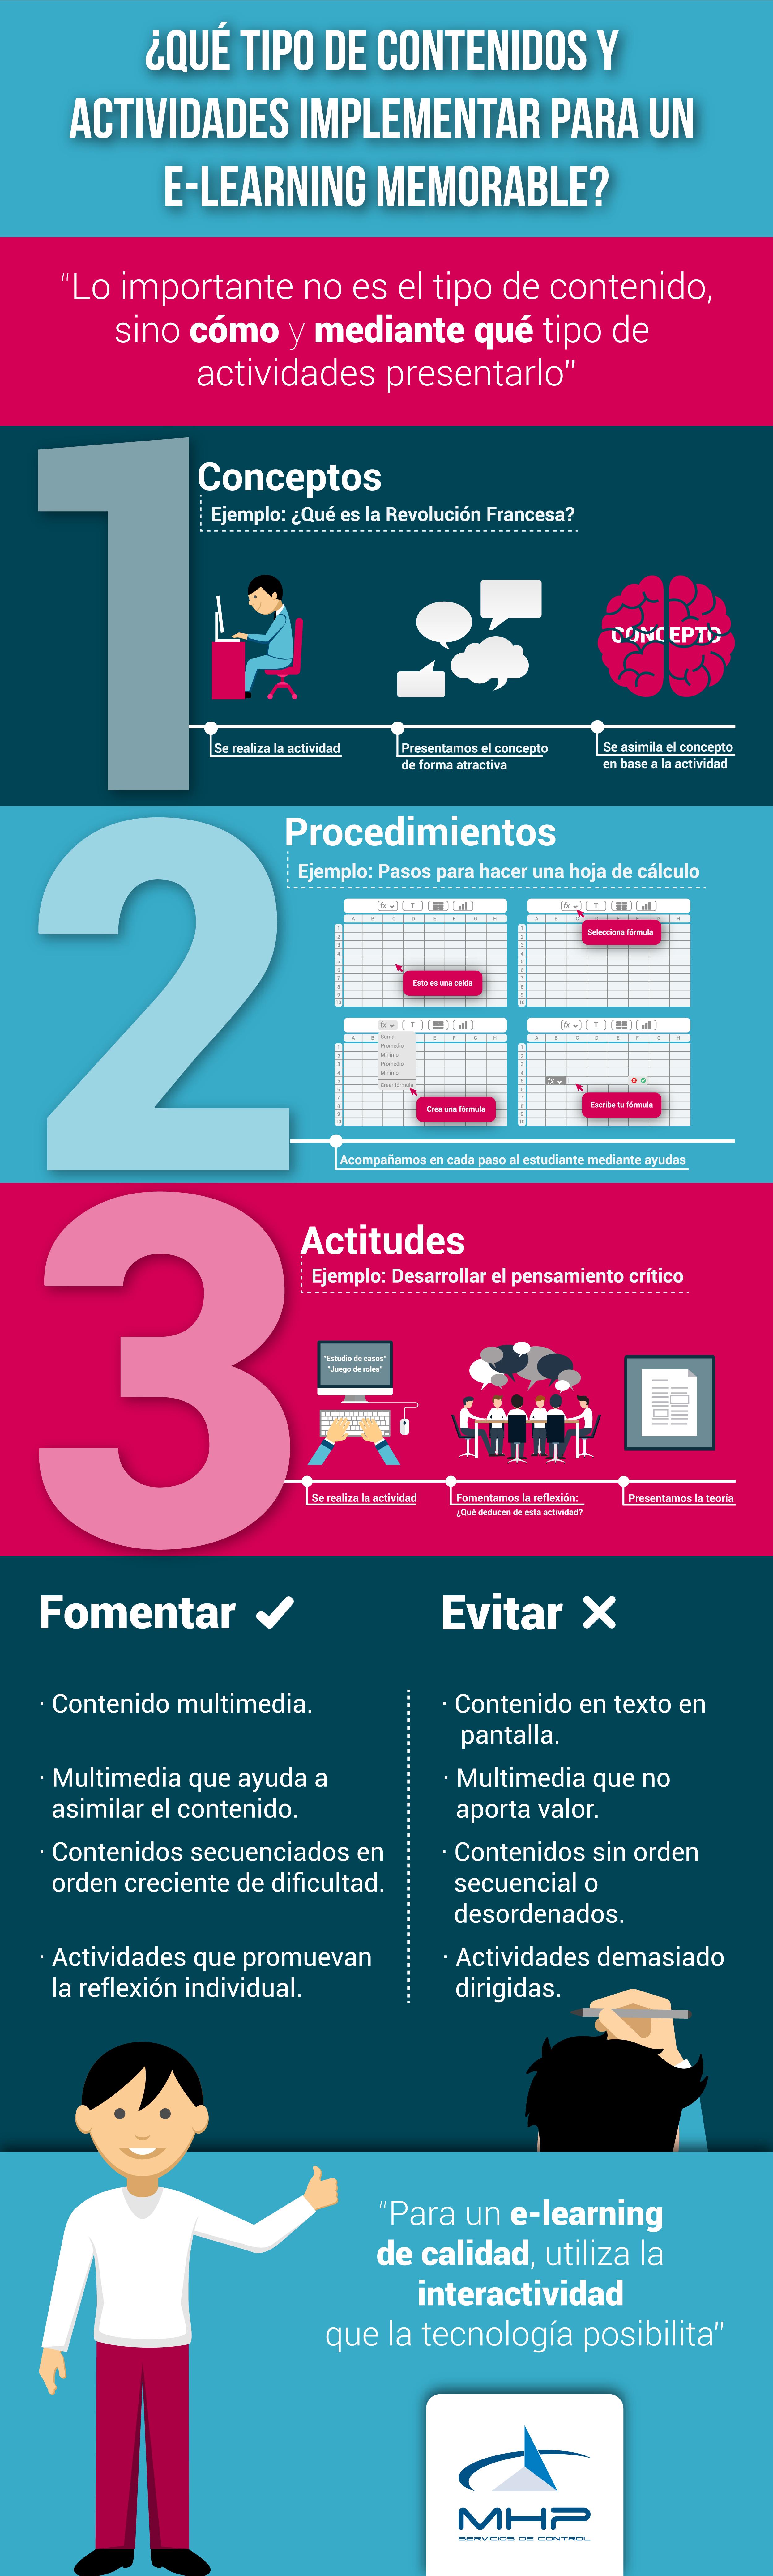 Infografía sobre Contenidos y Actividades a implementar para un e-learning memorable